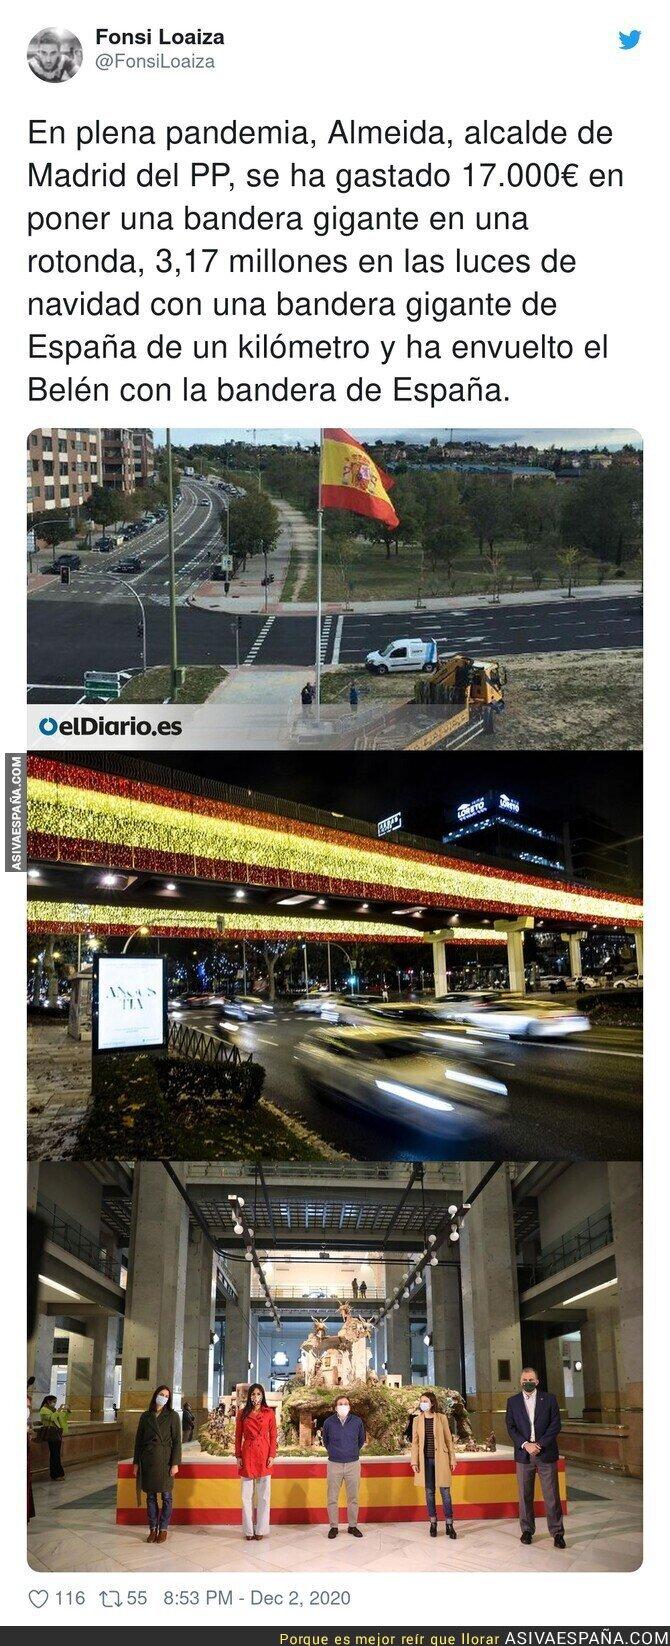 490955 - La bandera de España por todas partes para el nacimiento del niño Jesús nacido en Parla